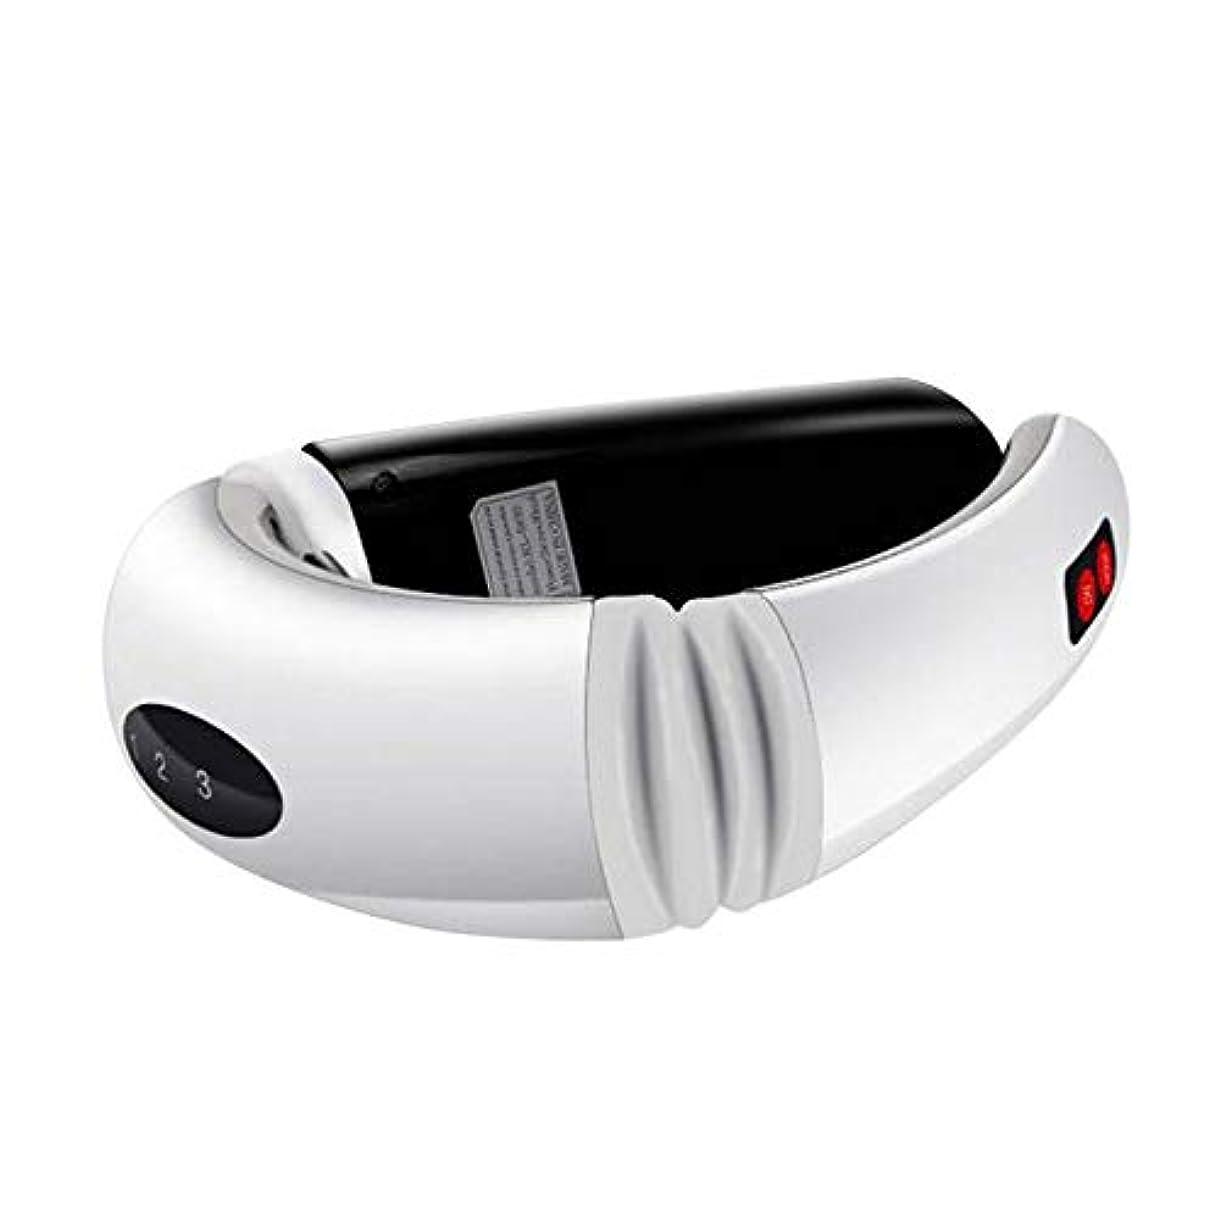 緯度ほめるハードウェア首のマッサージャー電気USB再充電可能な子宮頸マッサージャーは、痛みの痛みの筋肉を取り除く車のオフィスとホームホワイト